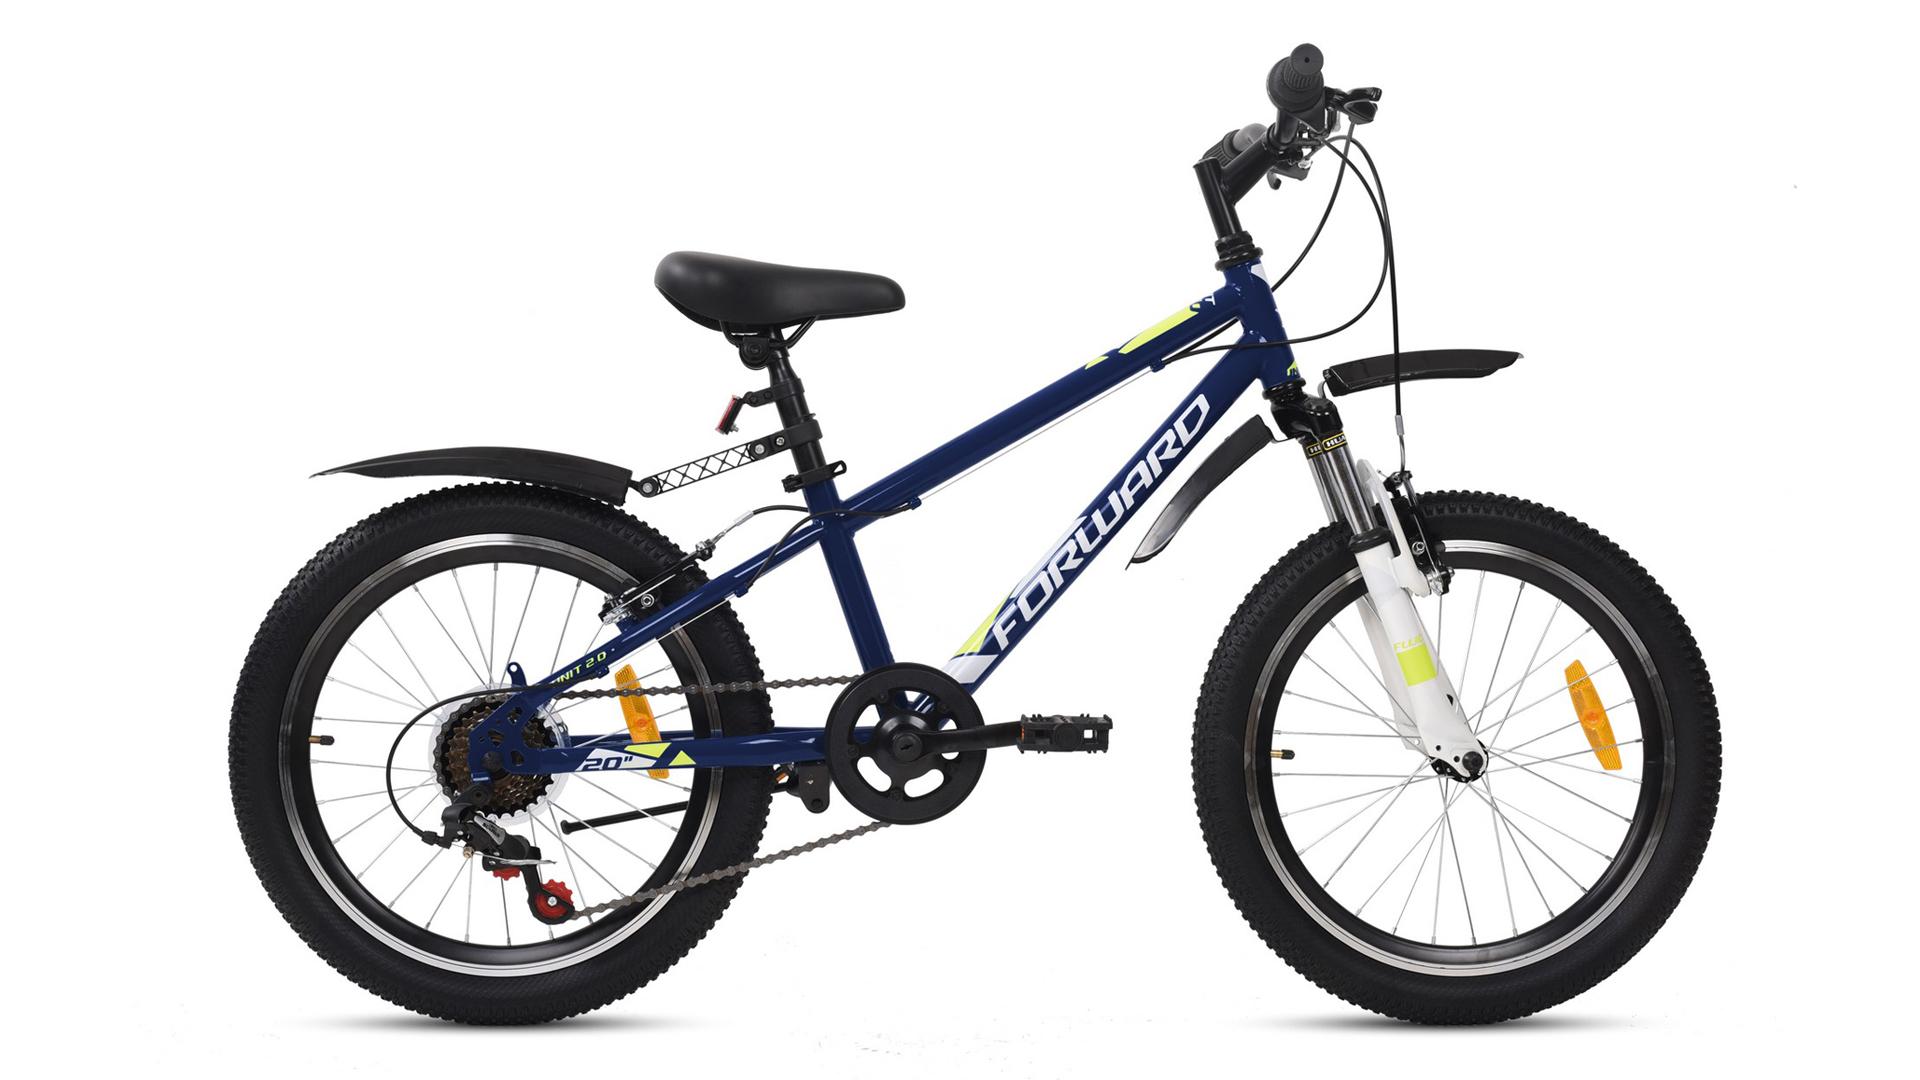 """Горный велосипед Forward UNIT 20"""" 2.2 2021 рост 10.5 темно-синий/белый UNIT 20 2.2"""